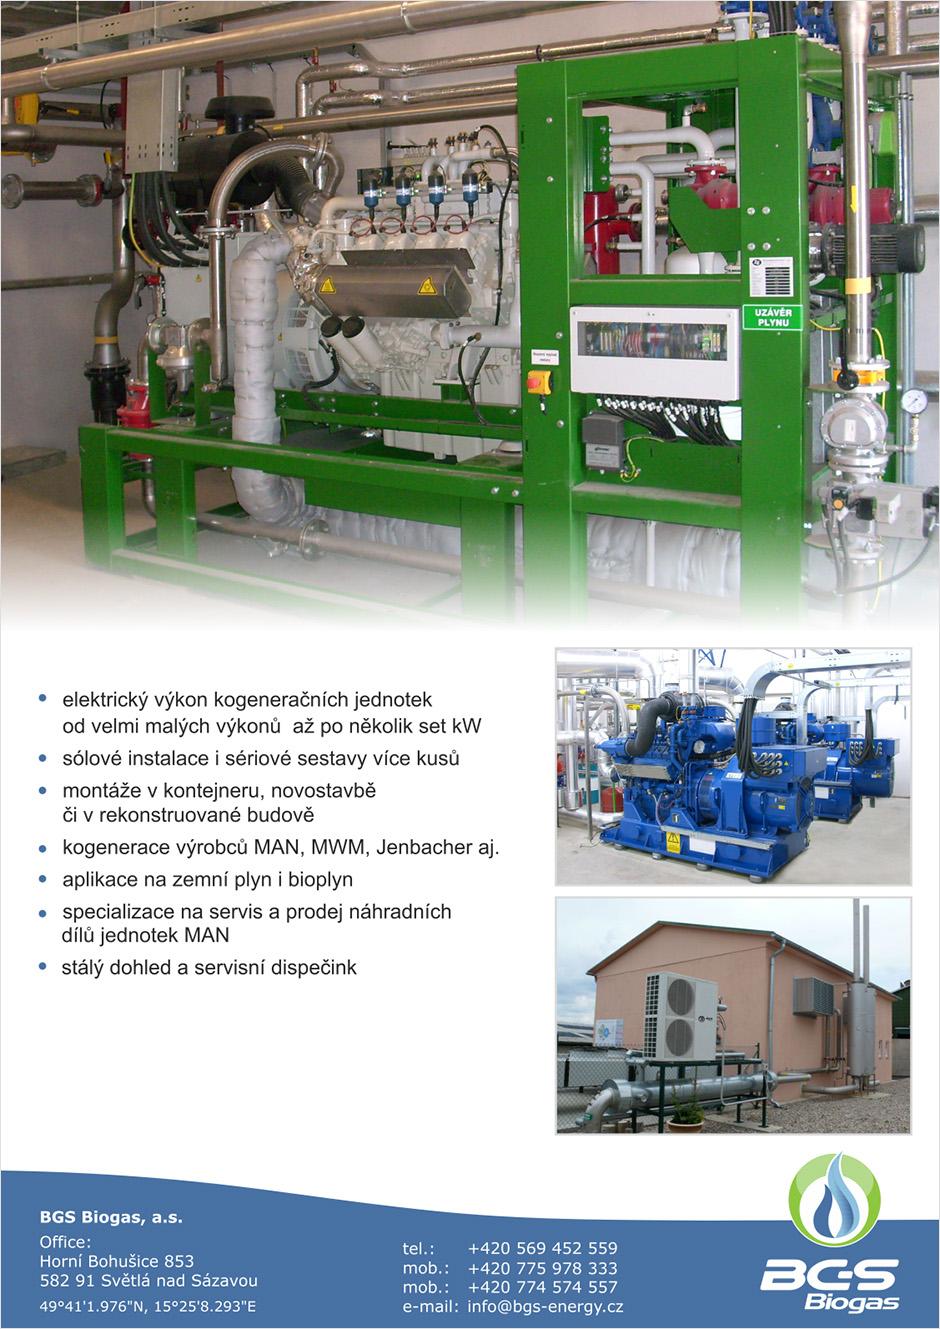 BGS-Biogas-Kogeneracni-jednotky-2